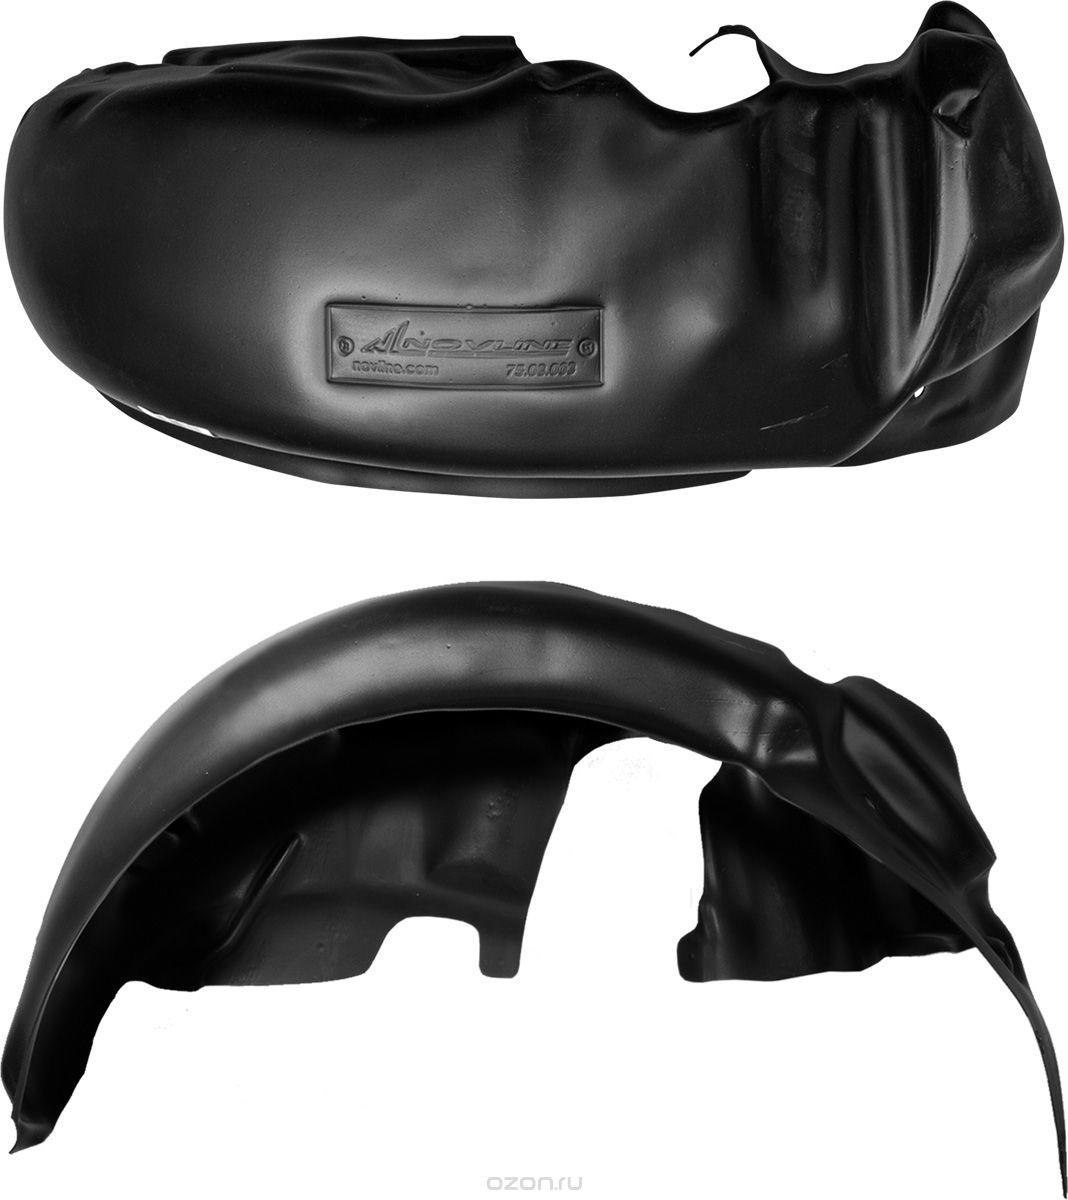 Подкрылок Novline-Autofamily, для Nissan X-Trail, 2007-2011, 2011->, передний, правыйNLL.36.20.002Идеальная защита колесной ниши. Локеры разработаны с применением цифровых технологий, гарантируют максимальную повторяемость поверхности арки. Изделия устанавливаются без нарушения лакокрасочного покрытия автомобиля, каждый подкрылок комплектуется крепежом. Уважаемые клиенты, обращаем ваше внимание, что фотографии на подкрылки универсальные и не отражают реальную форму изделия. При этом само изделие идет точно под размер указанного автомобиля.